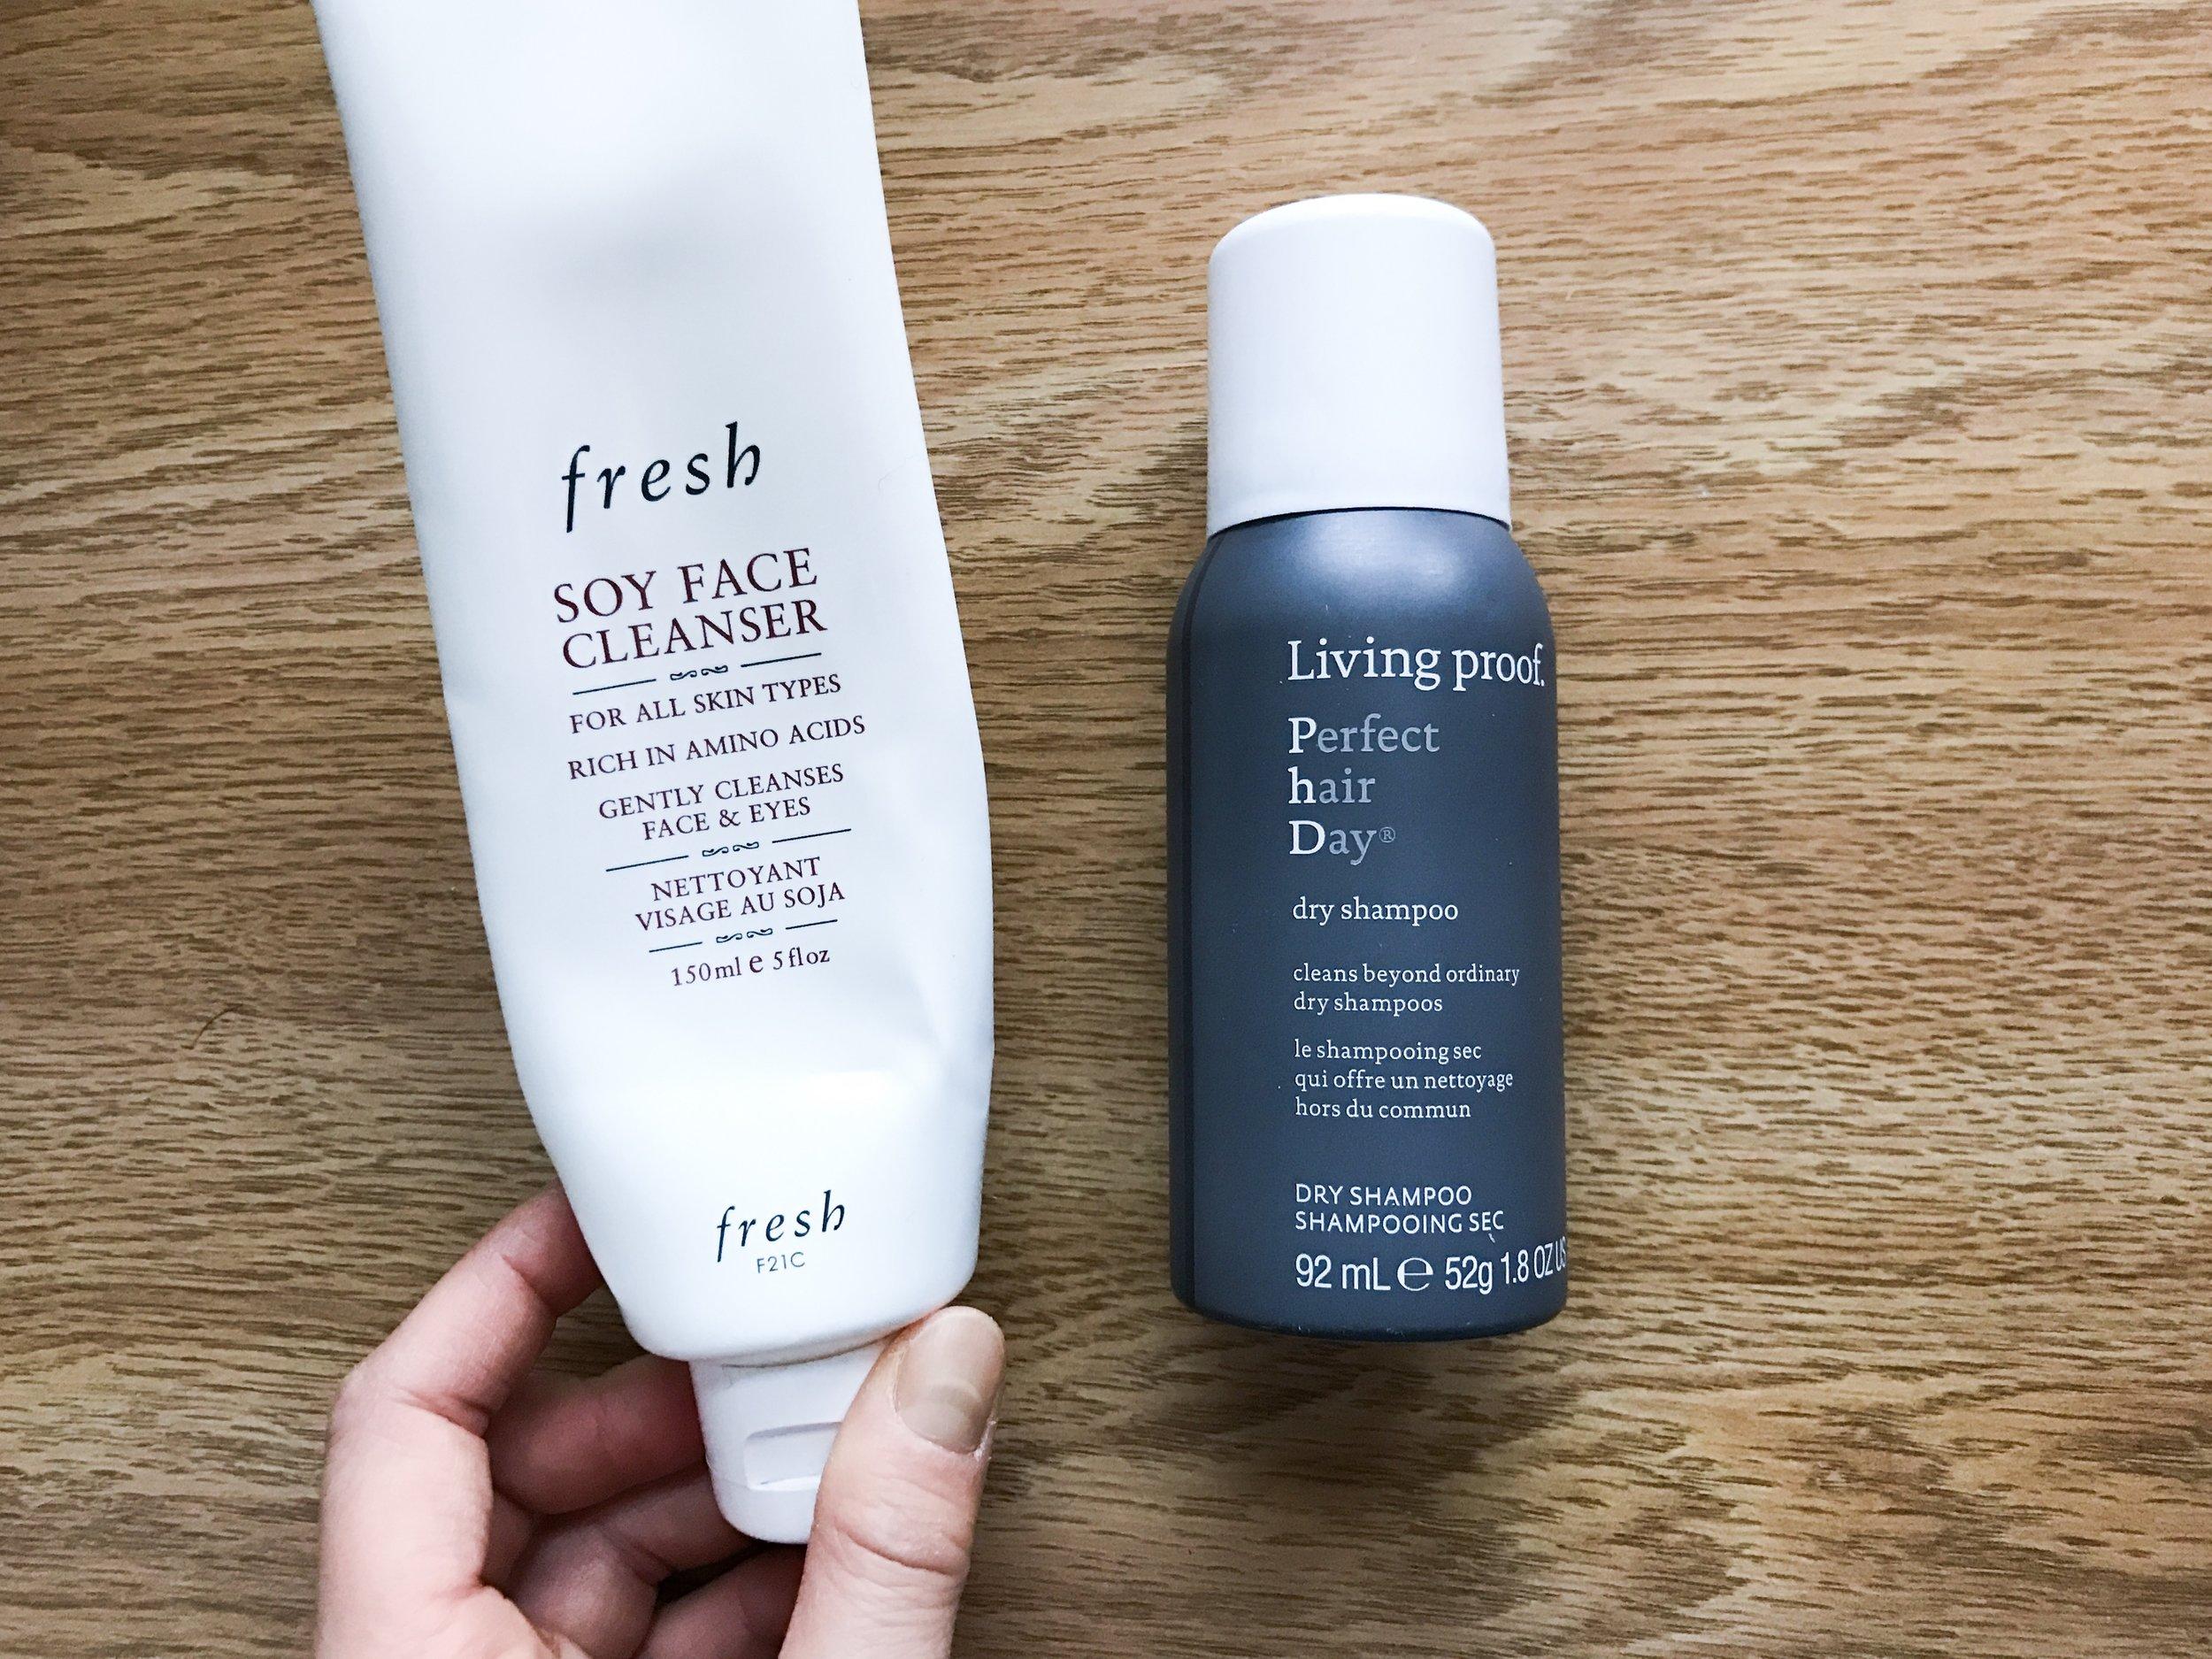 fresh facewash + living proof dry shampoo